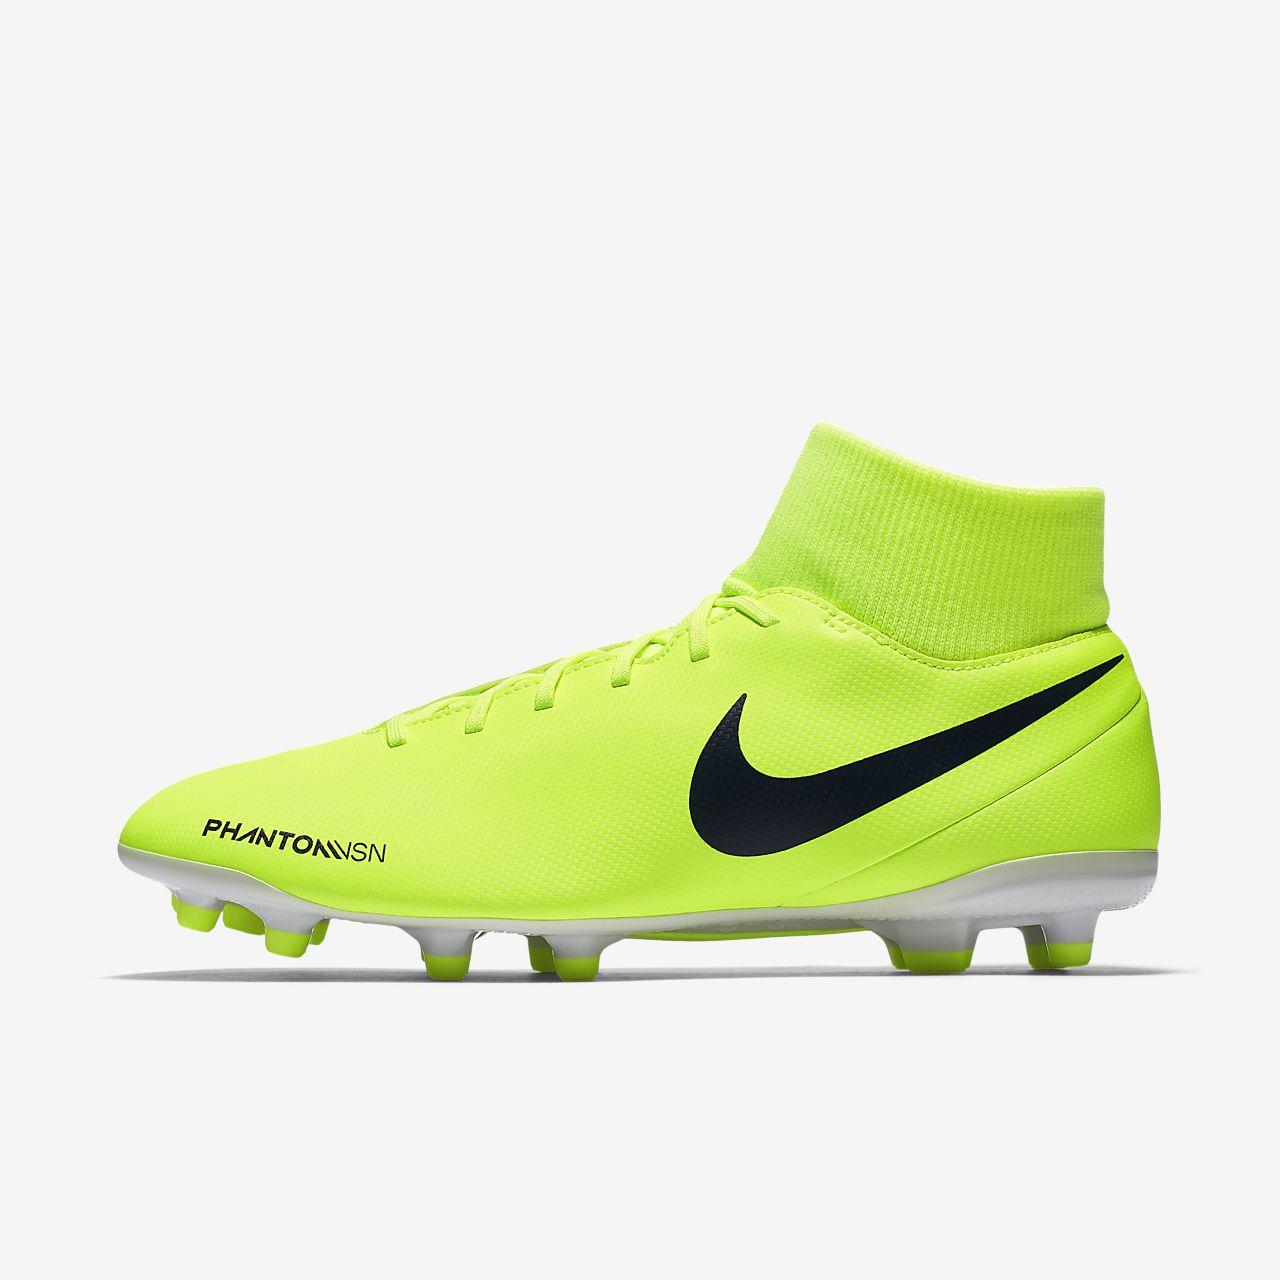 Nike Phantom Vision Club Dynamic Fit Multi-Ground Football Shoe